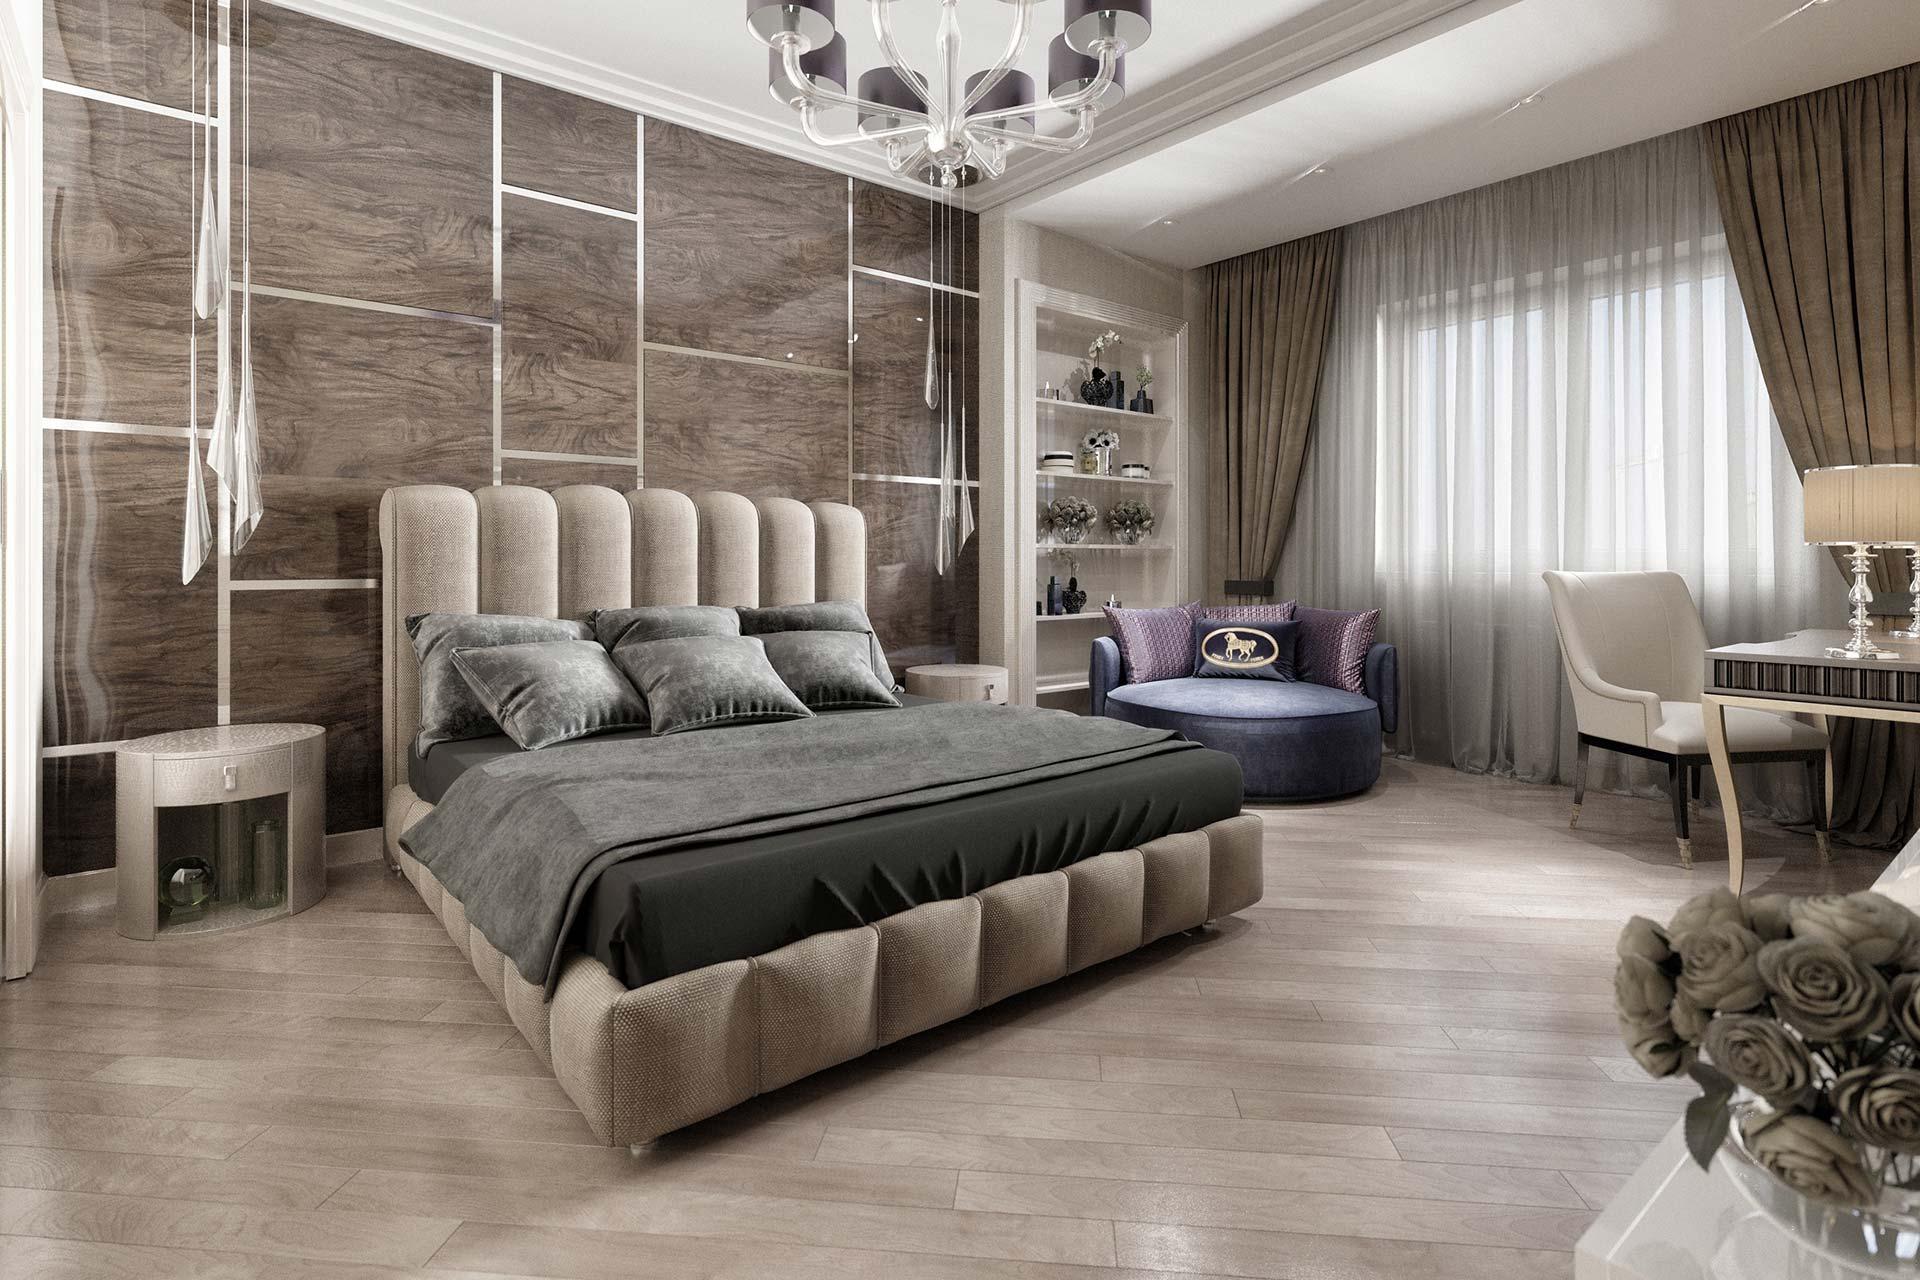 Дизайн двухкомнатной квартиры в ЖК Мосфильмовский